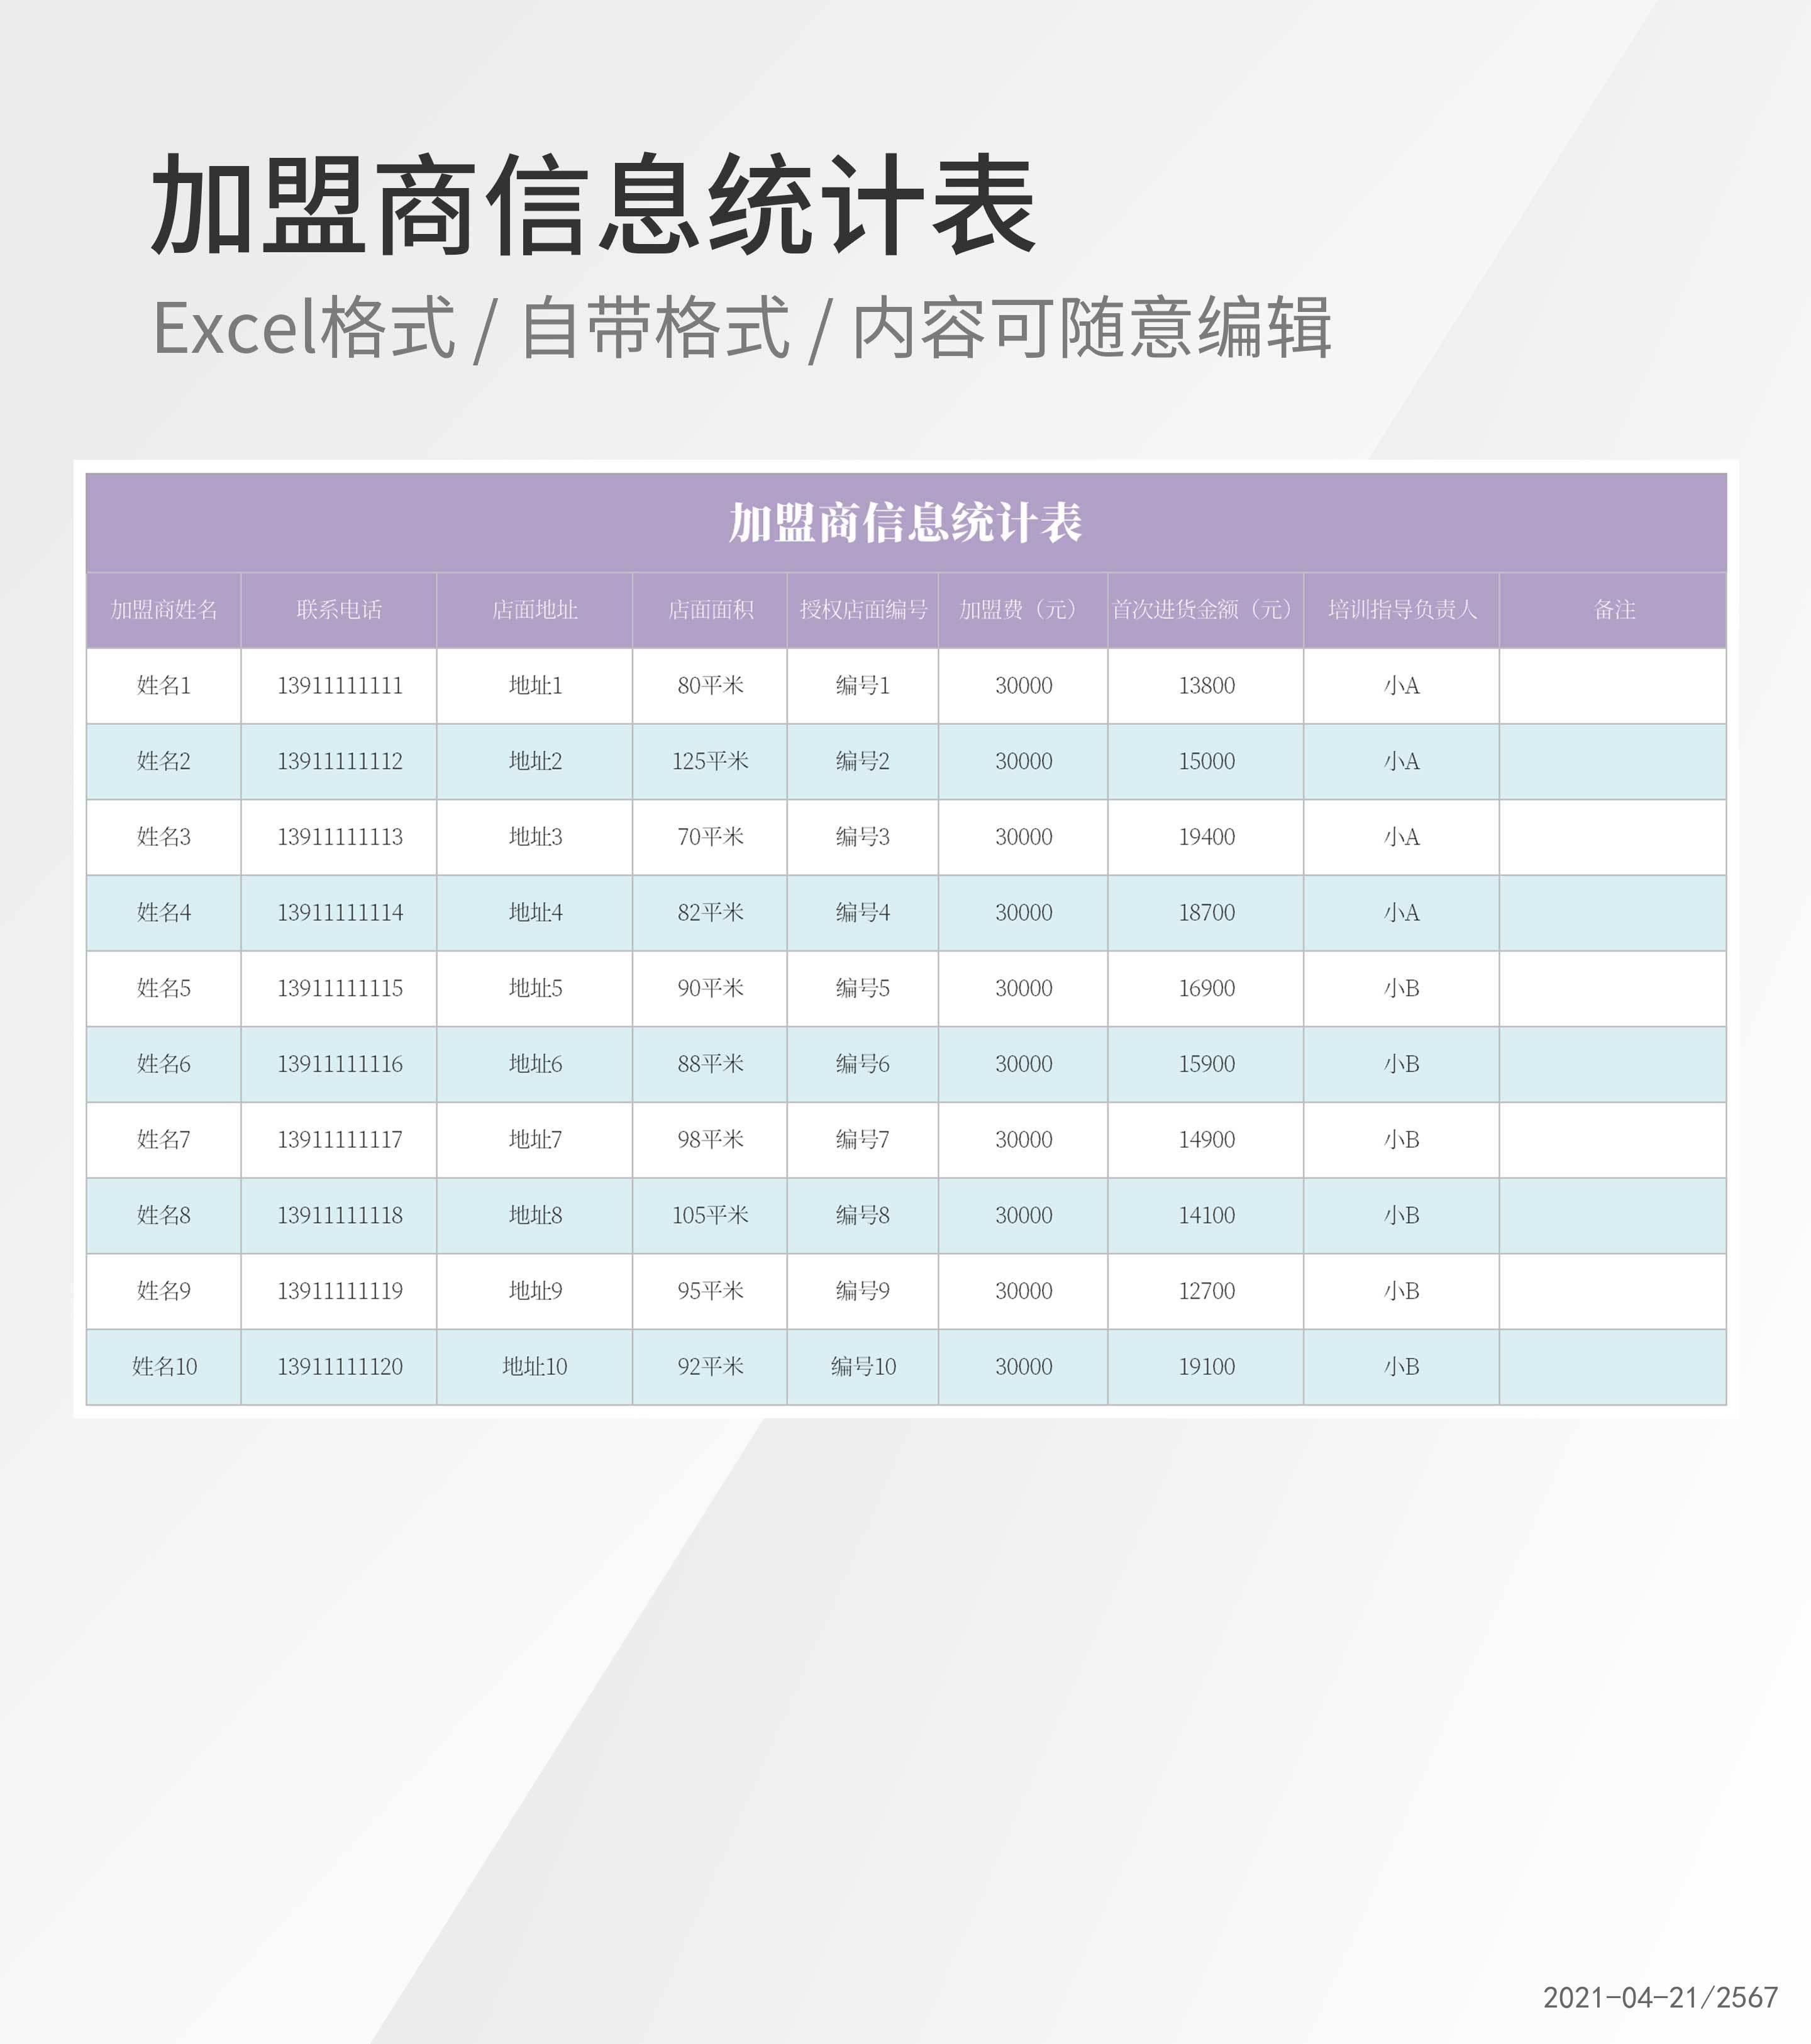 加盟商信息统计表